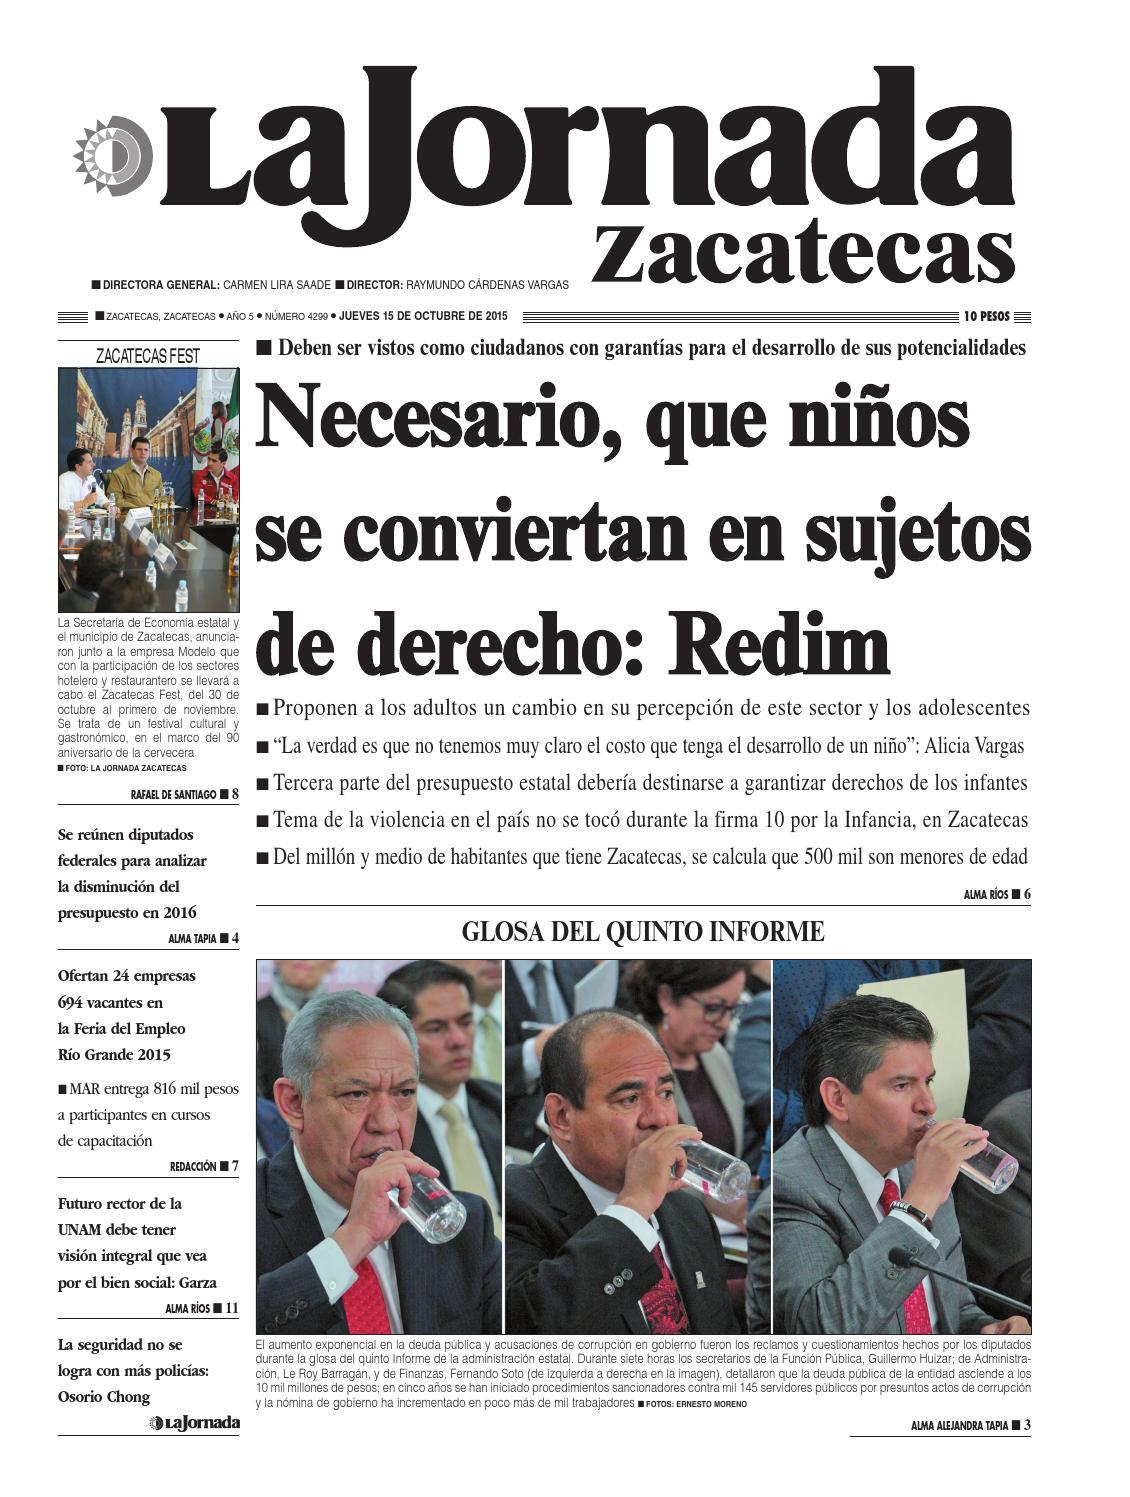 La Jornada Zacatecas Jueves 15 De Octubre Del 2015 By La Jornada  # Muebles Tumoine